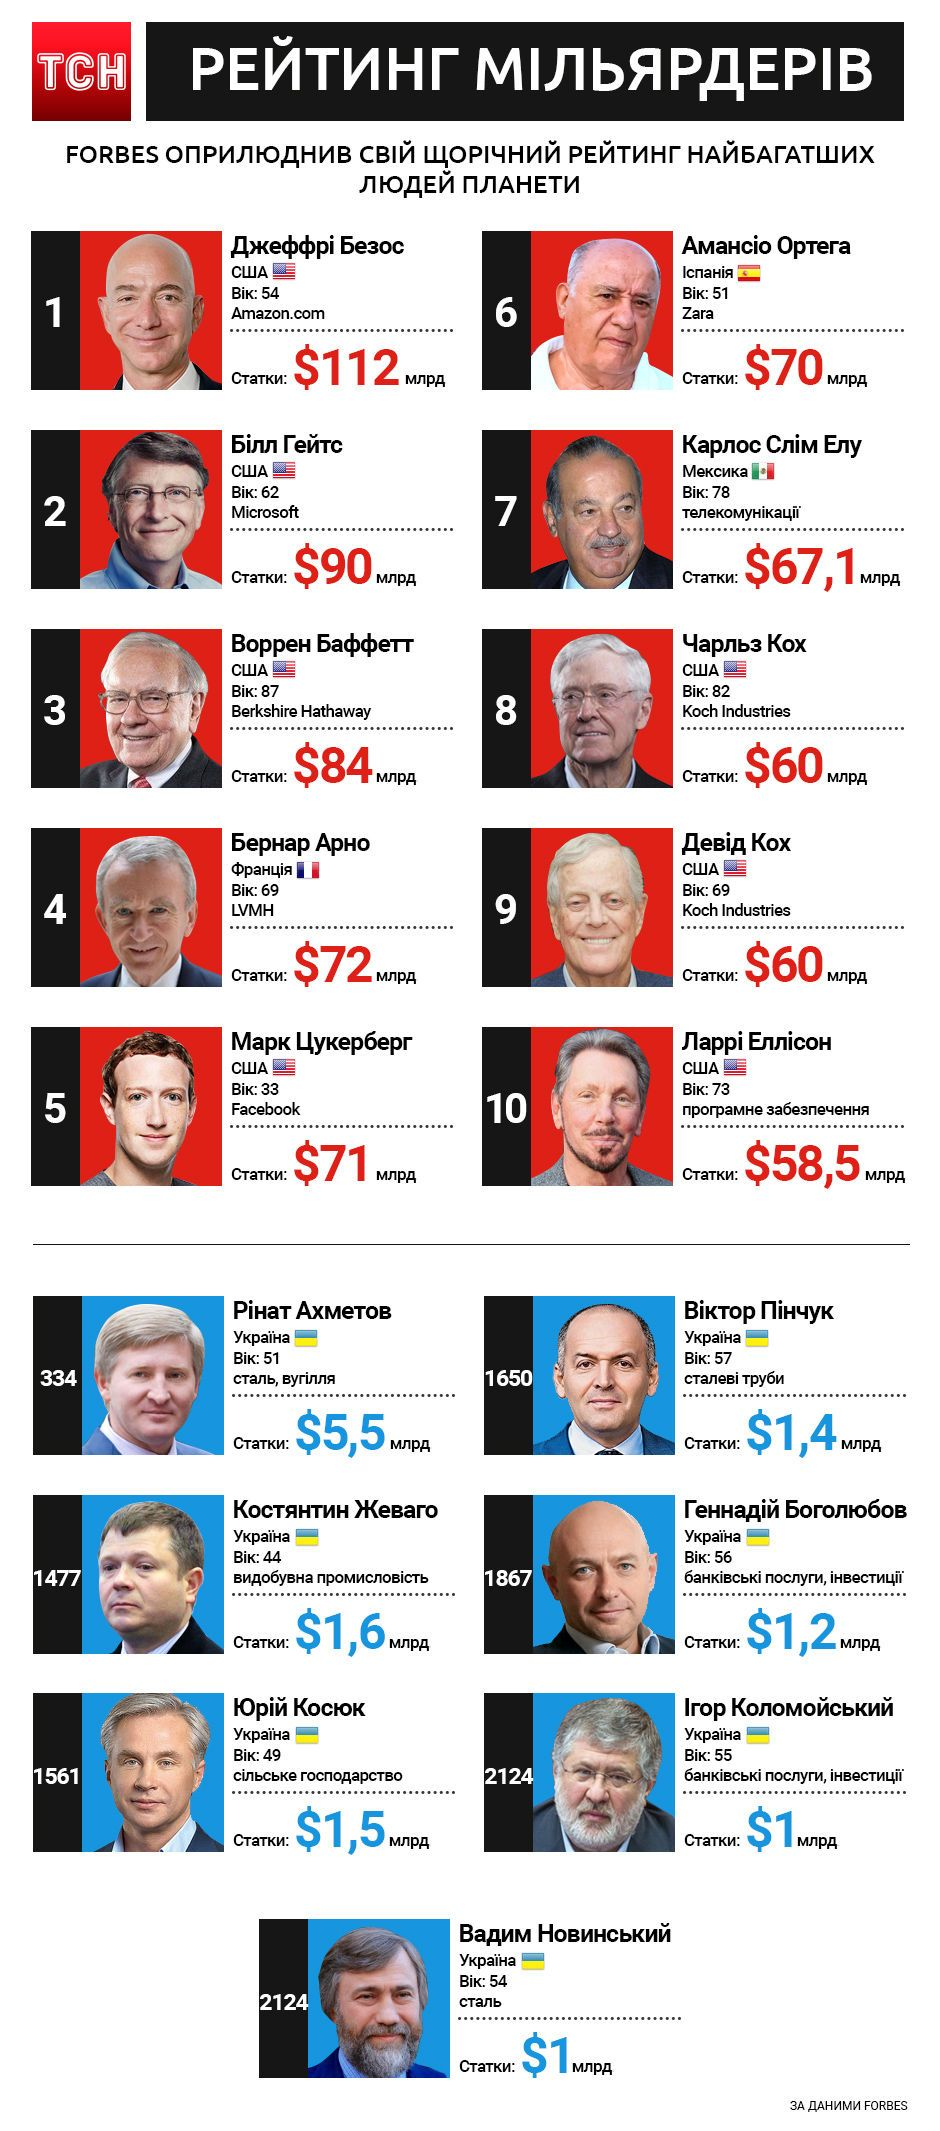 Рейтинг найбагатших Forbes